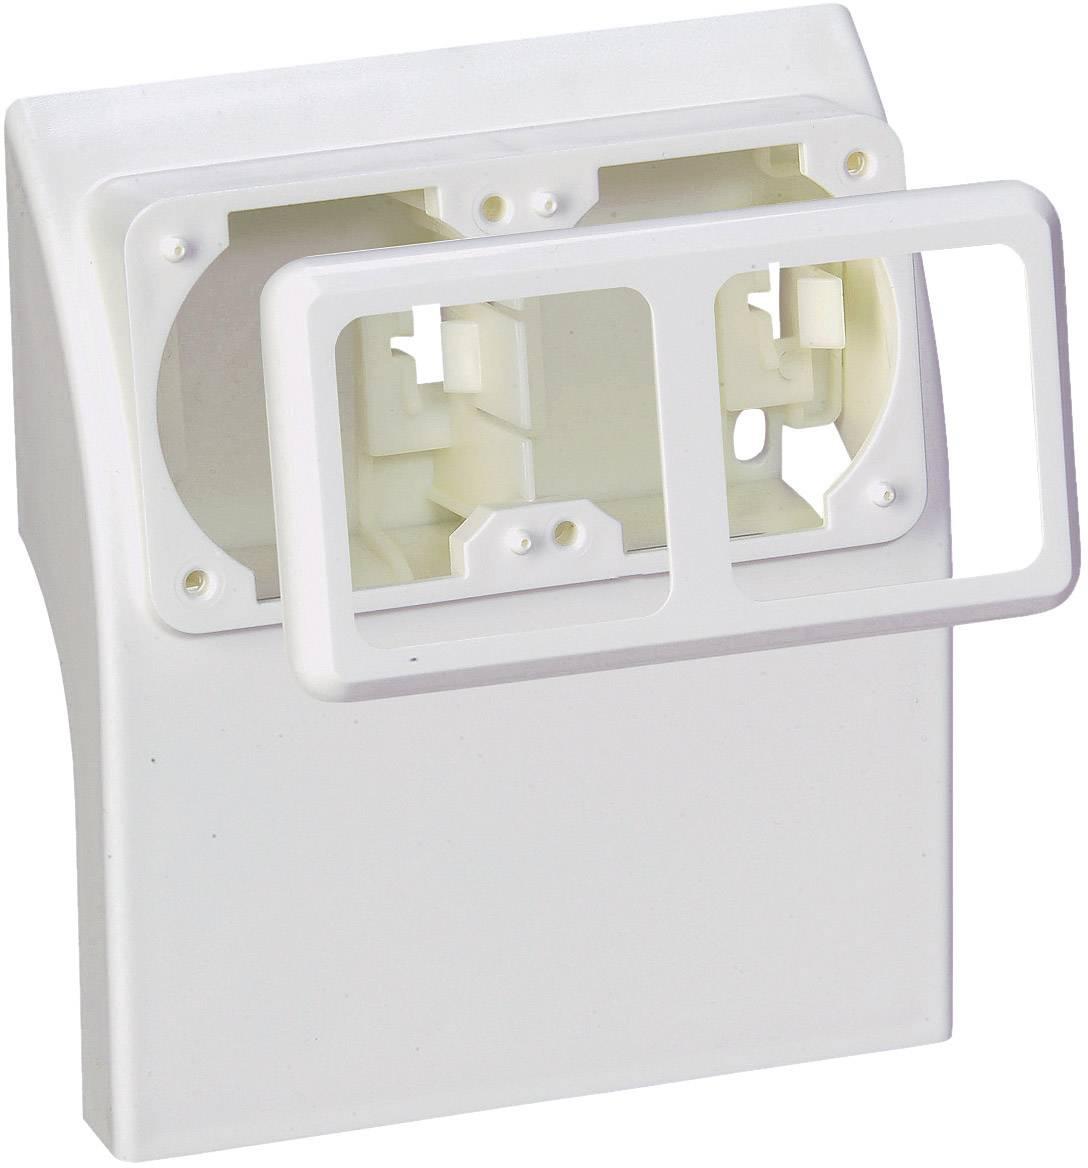 Prázdný zásuvkový díl ke kabelovým lištám, bílý (75581)